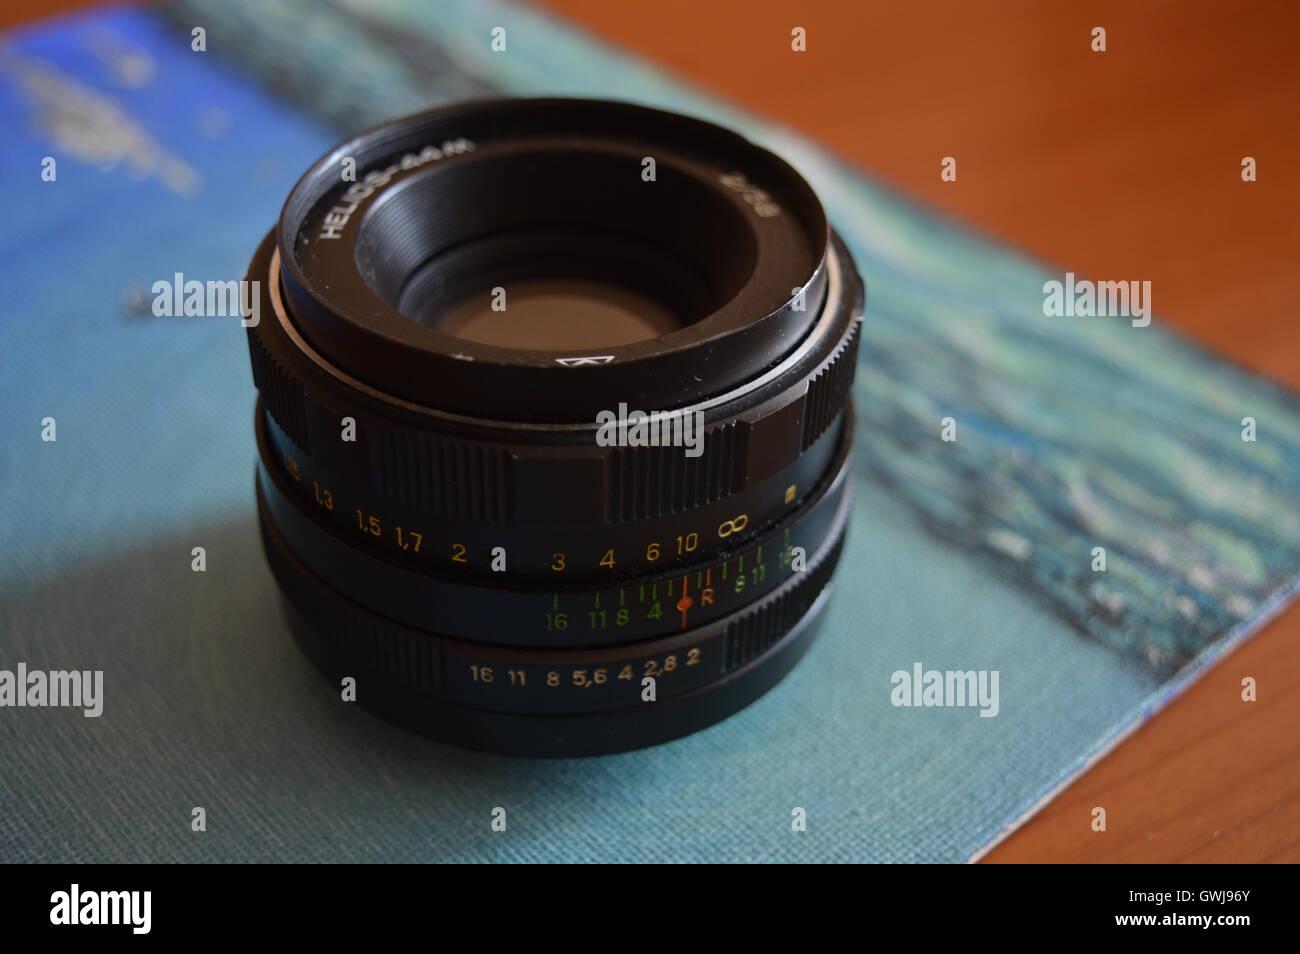 helios camera lens stock photos helios camera lens stock images